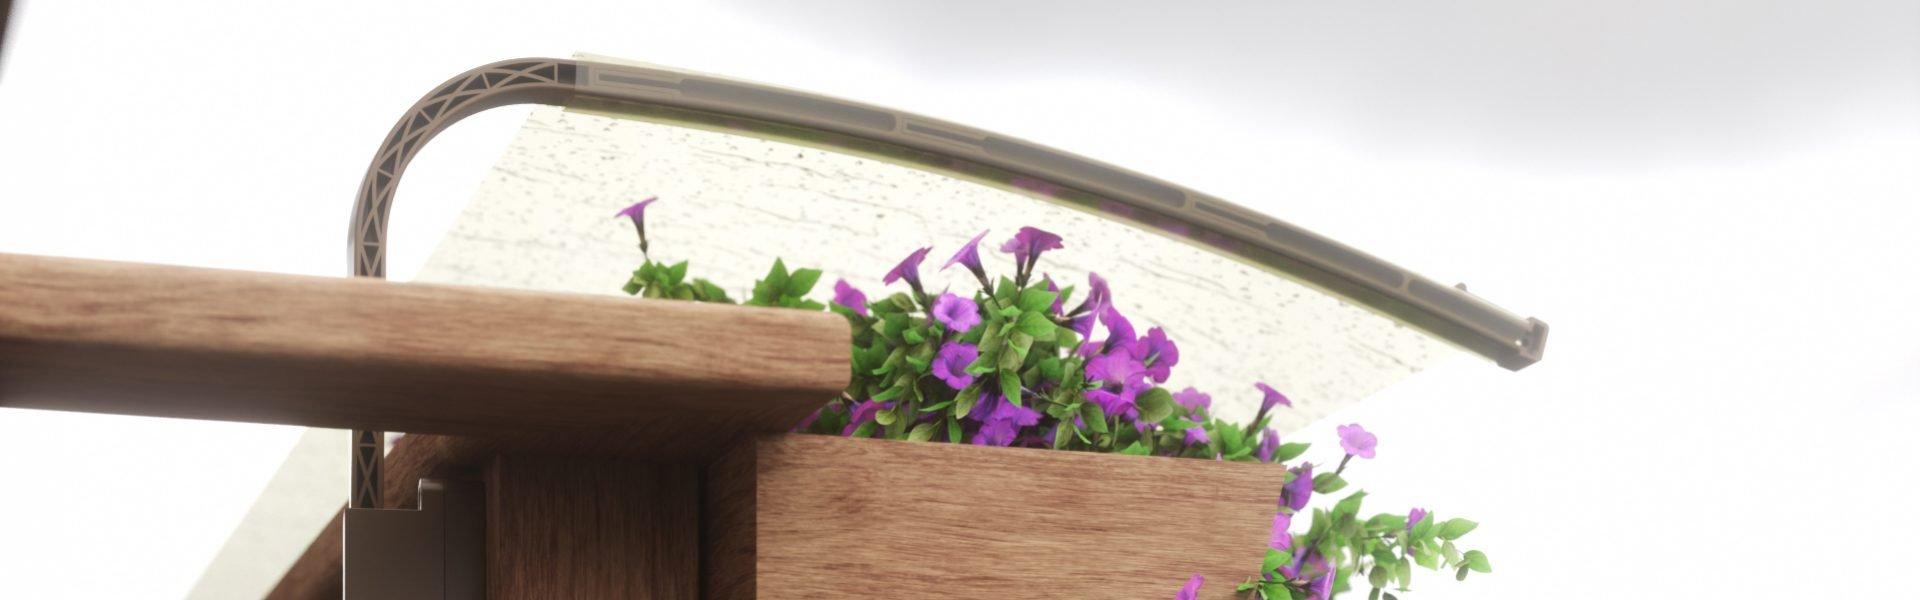 Protezione da balcone per fiori e bucato